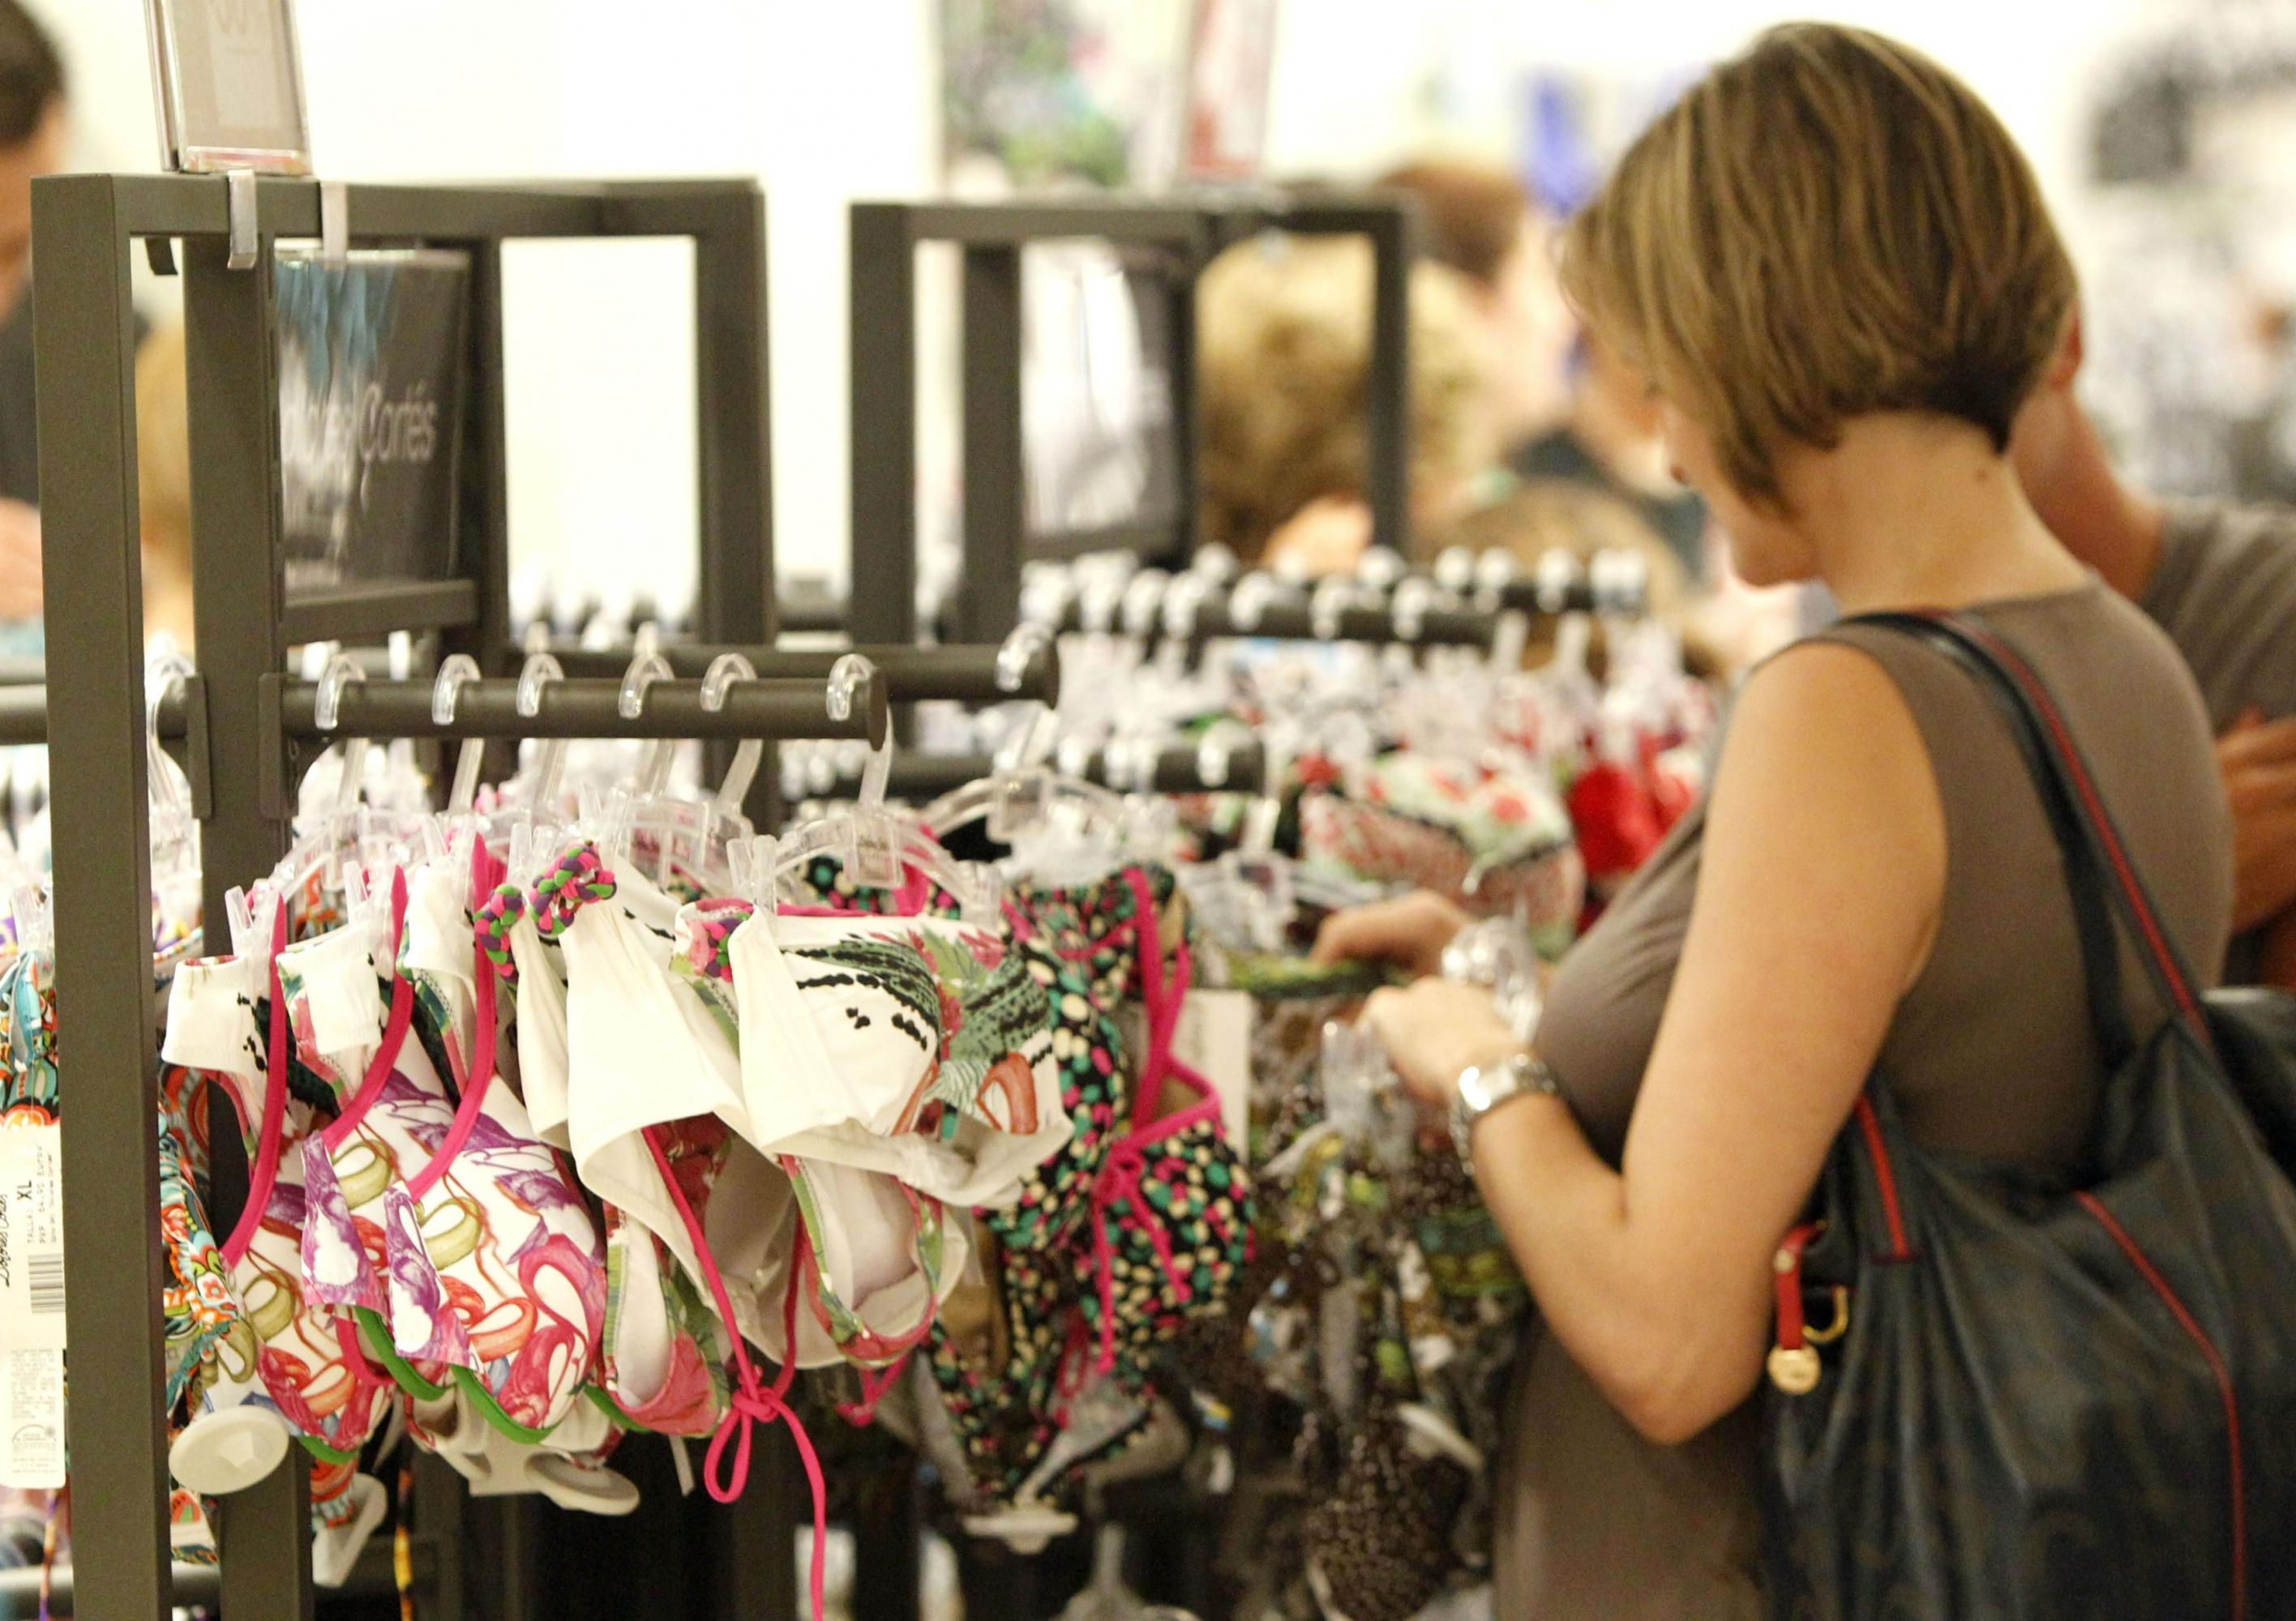 Las mujeres pagan hasta un 24% más que los hombres por el